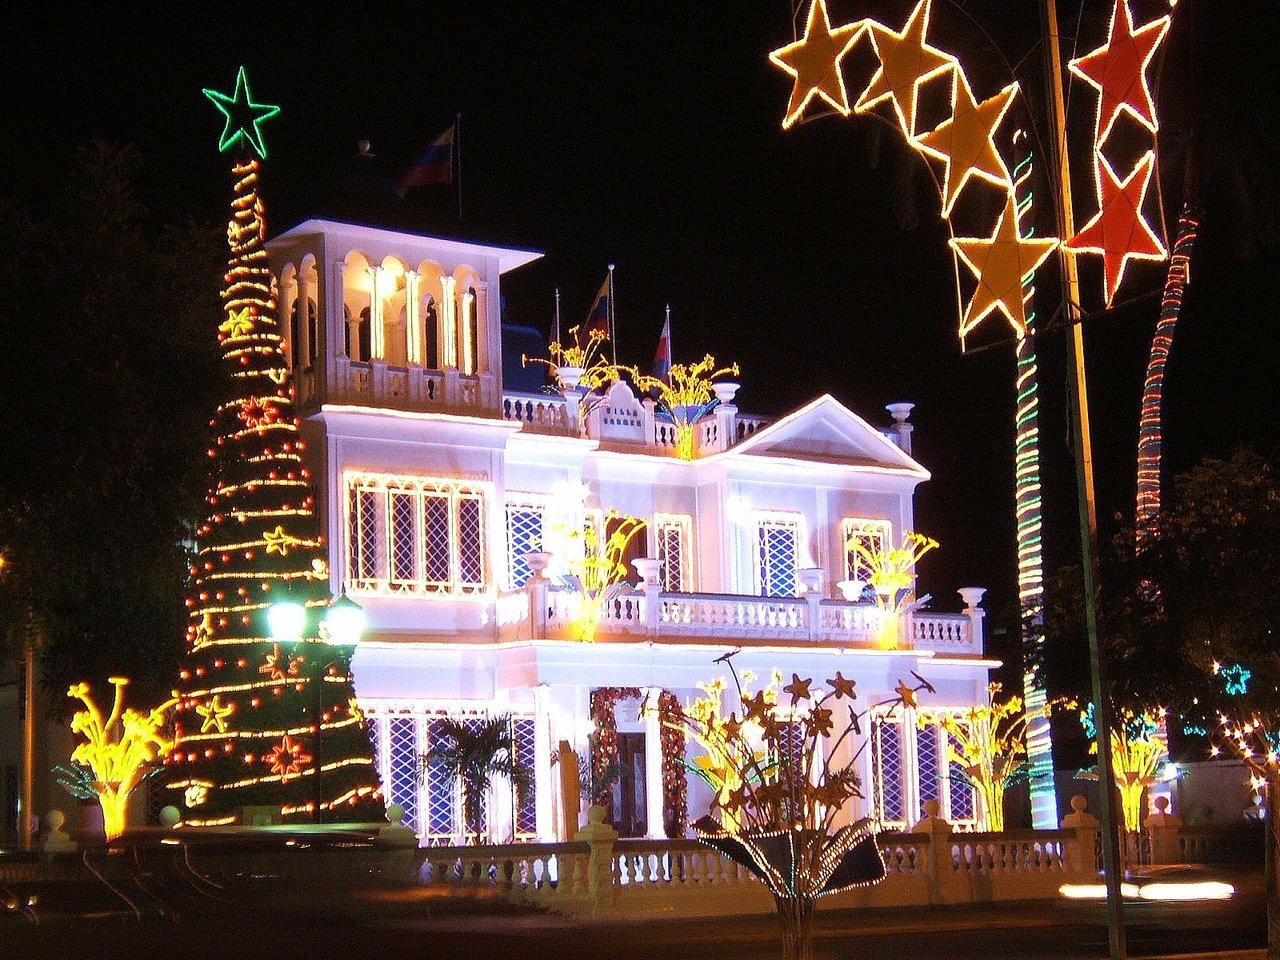 Manualidades e ideas para navidad manualidades crafts e - Casas decoradas en navidad ...